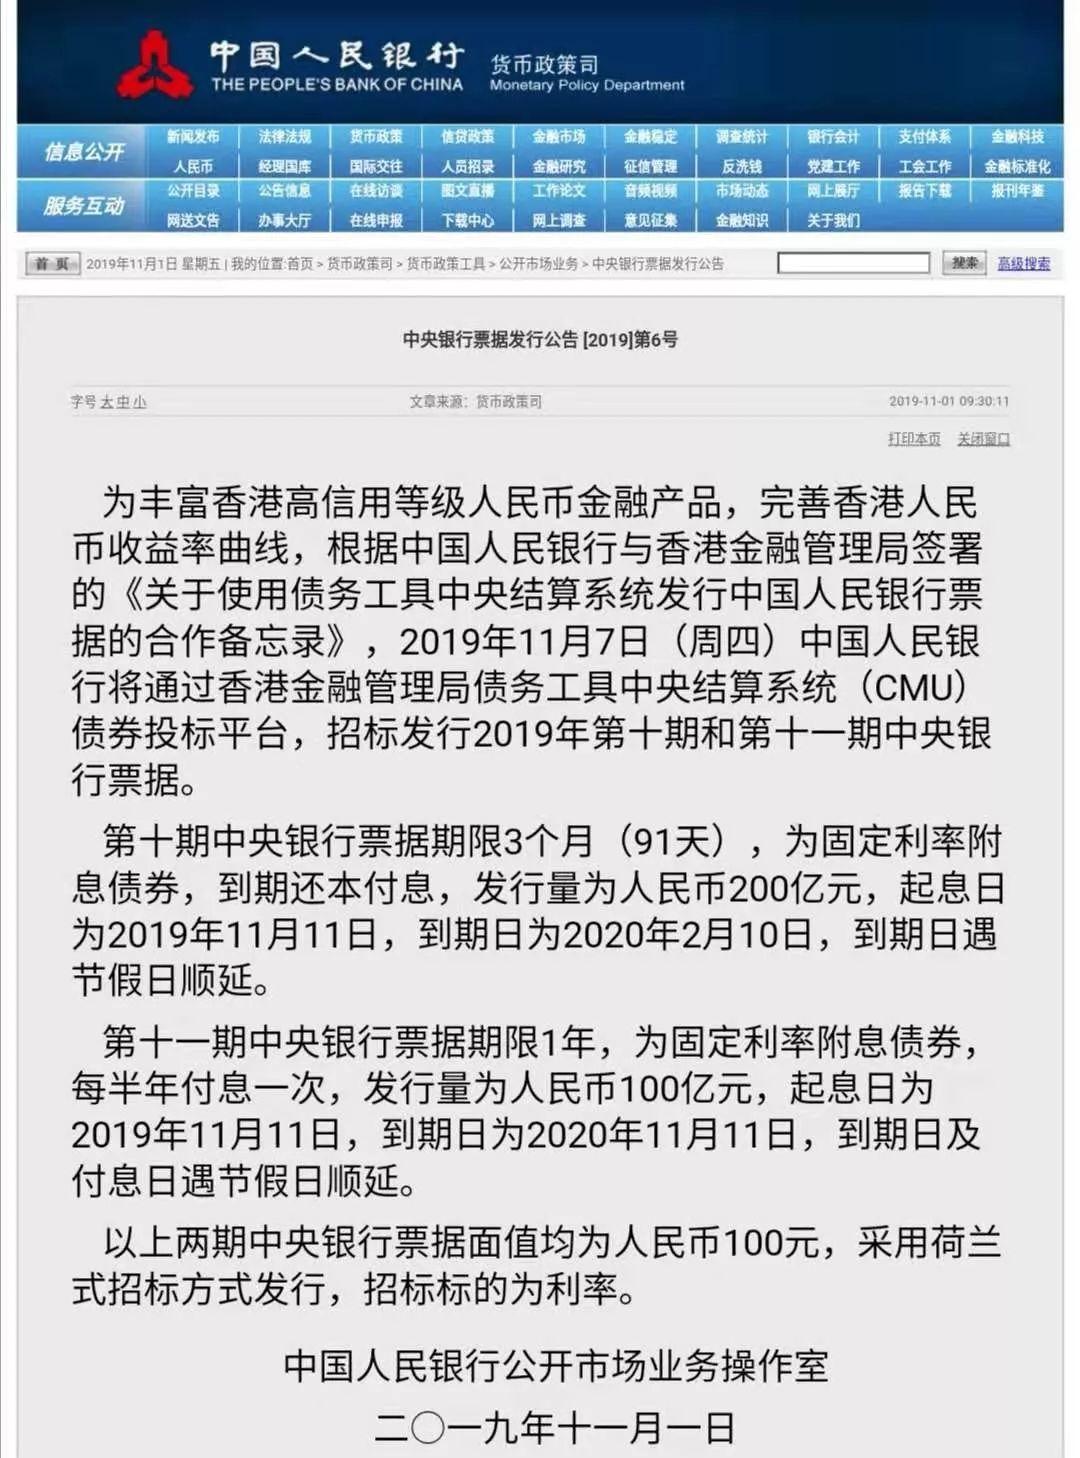 任你博娱乐场最新网址 《绿皮书》斩获奥斯卡 中国影视互联网公司首次冲冠